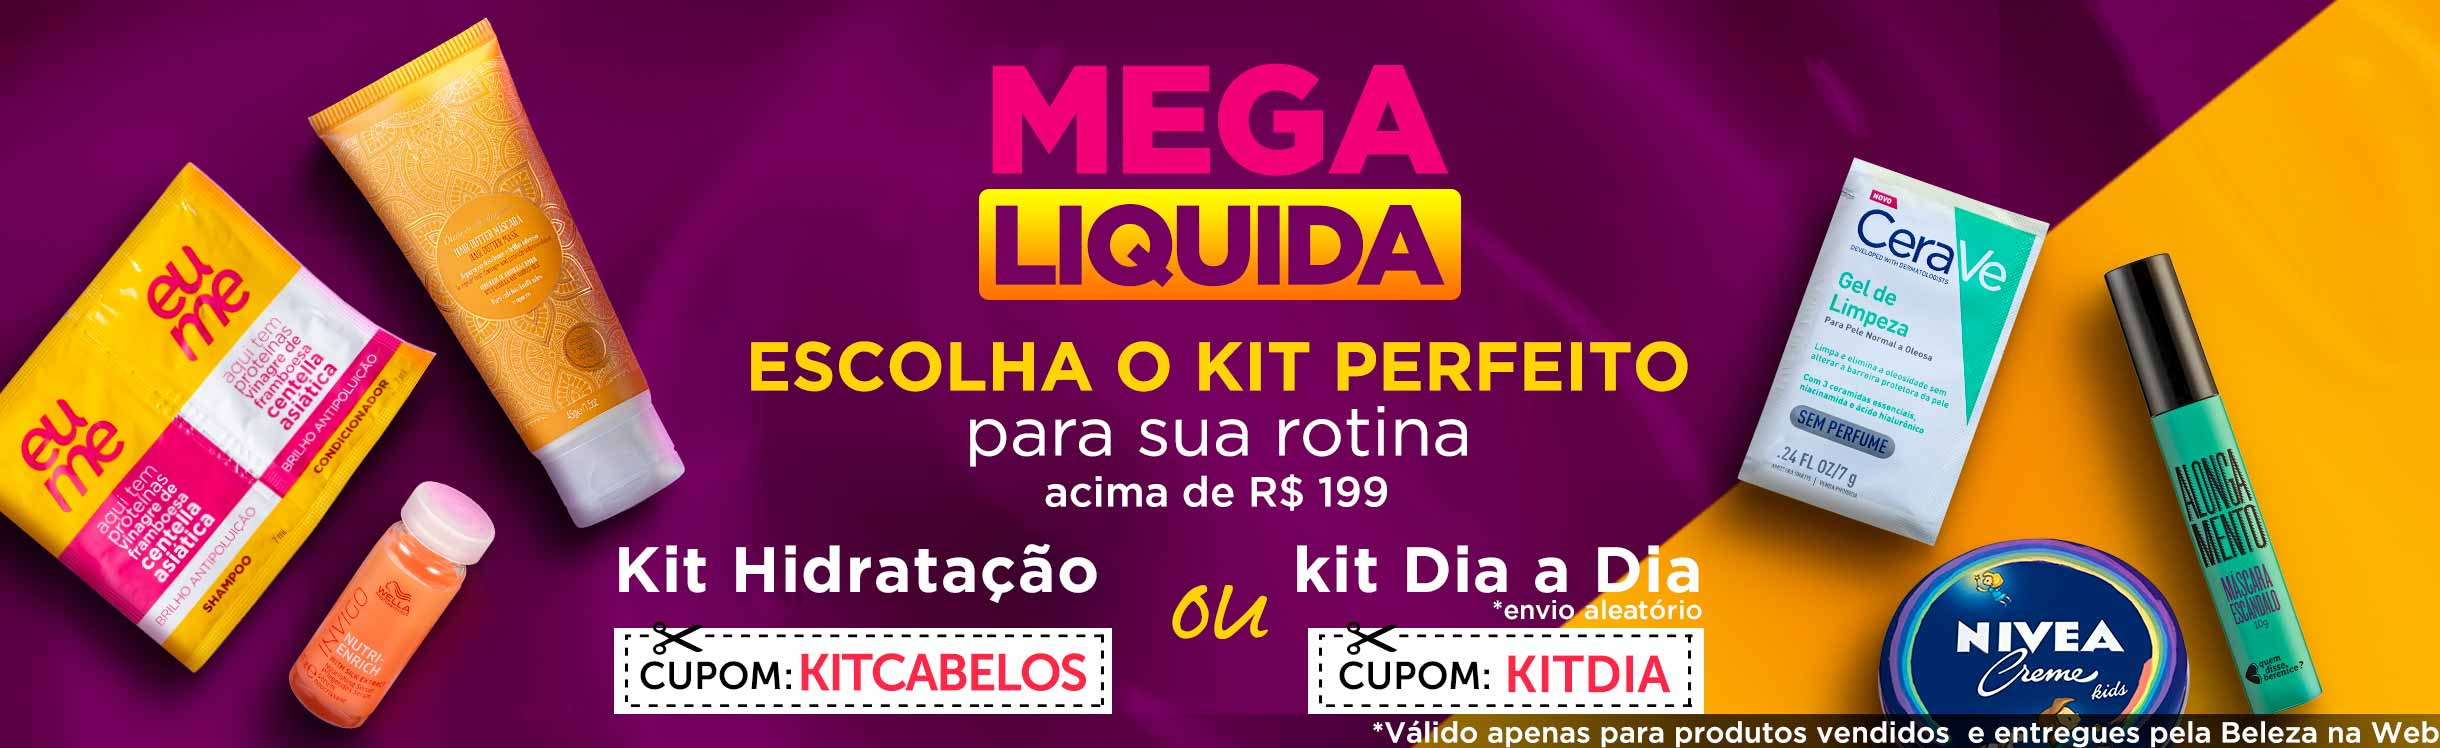 Mega Liquida | +1000 desejos com até 65% off